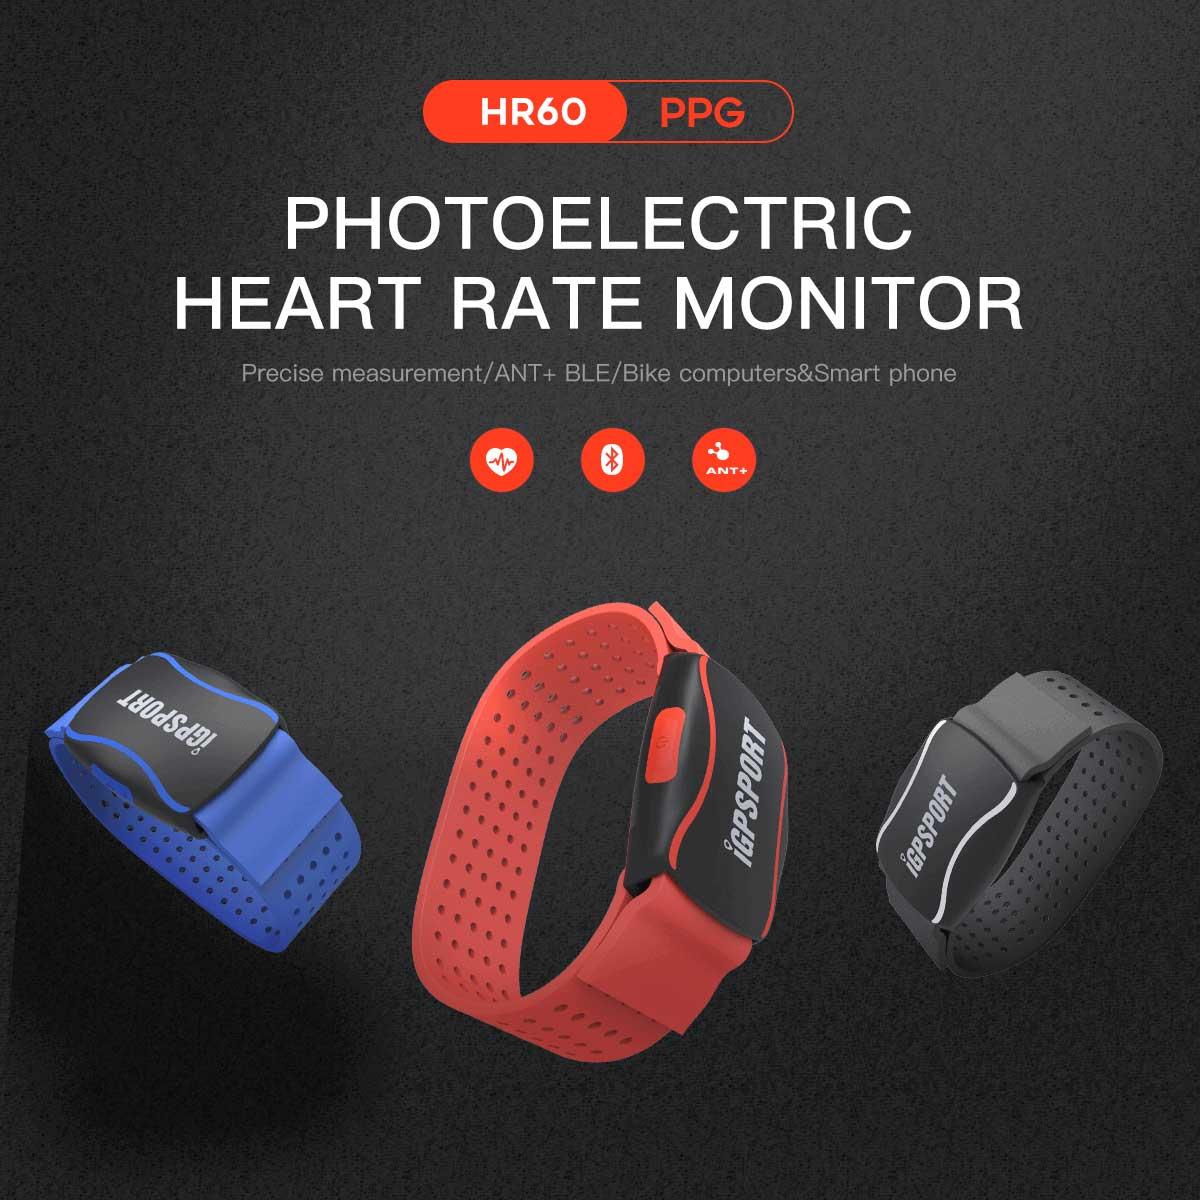 正確な光学センサー技で測定する心拍計